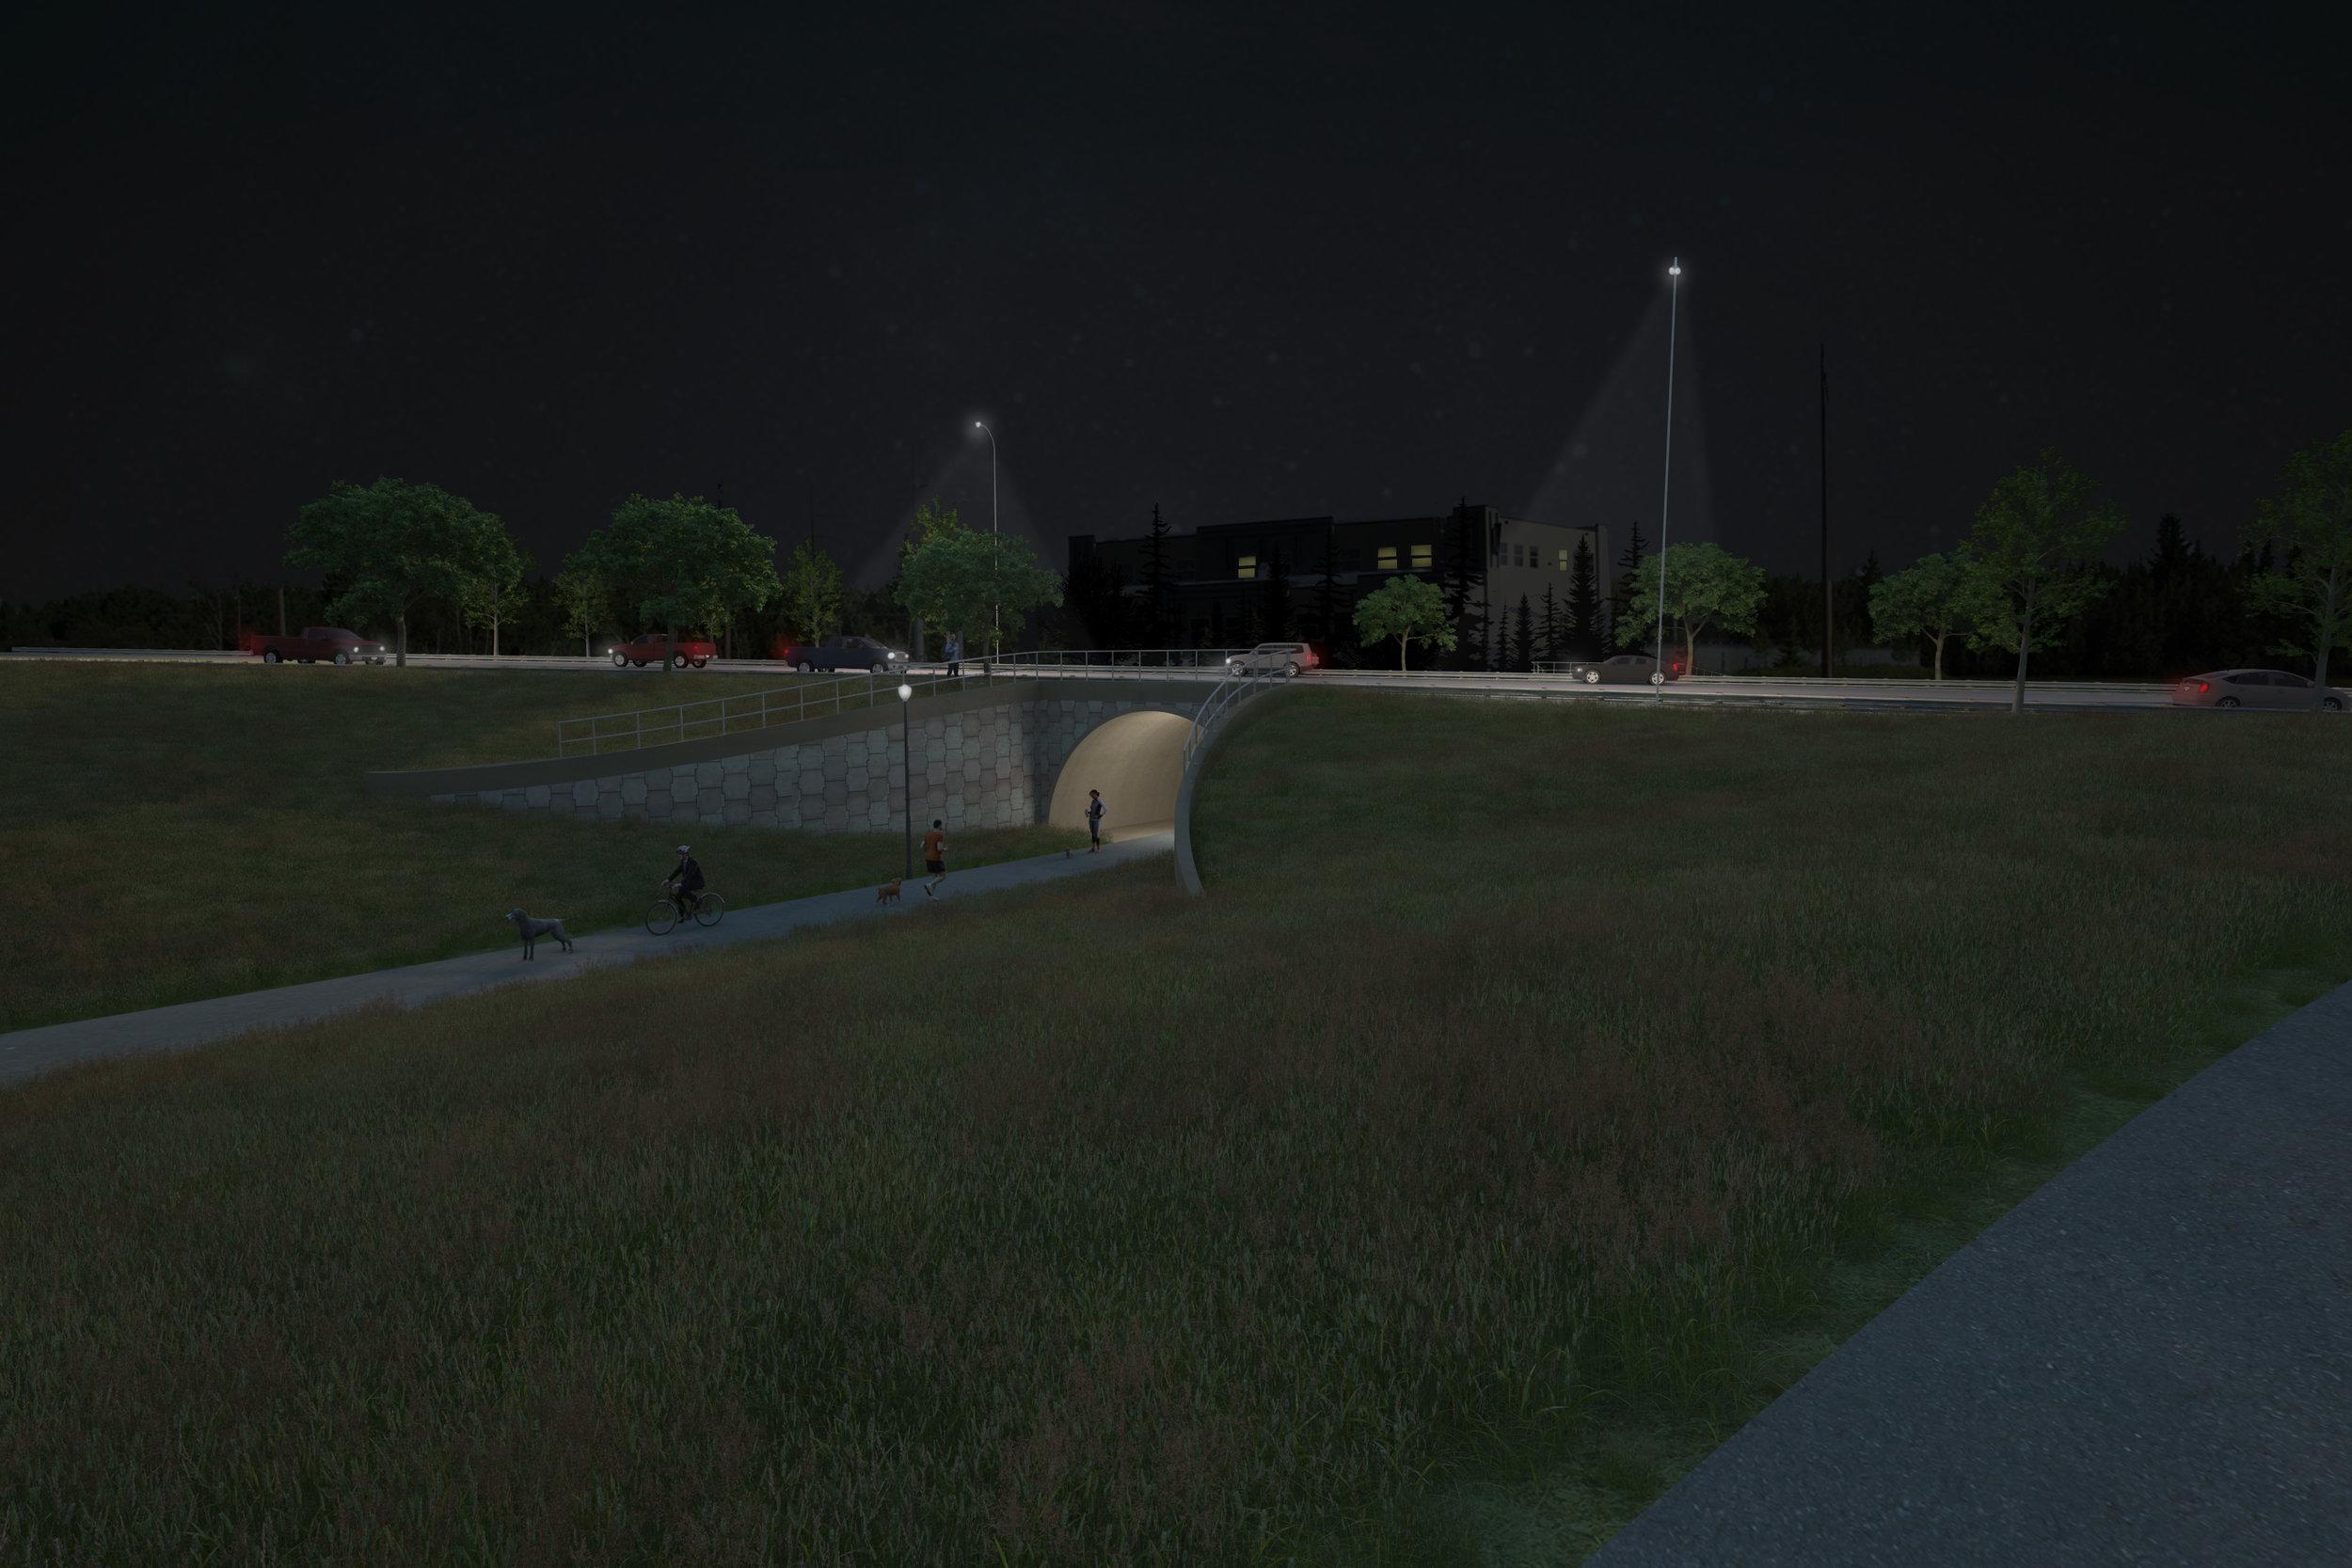 90 Ave View 2 NIGHT Updated.jpg